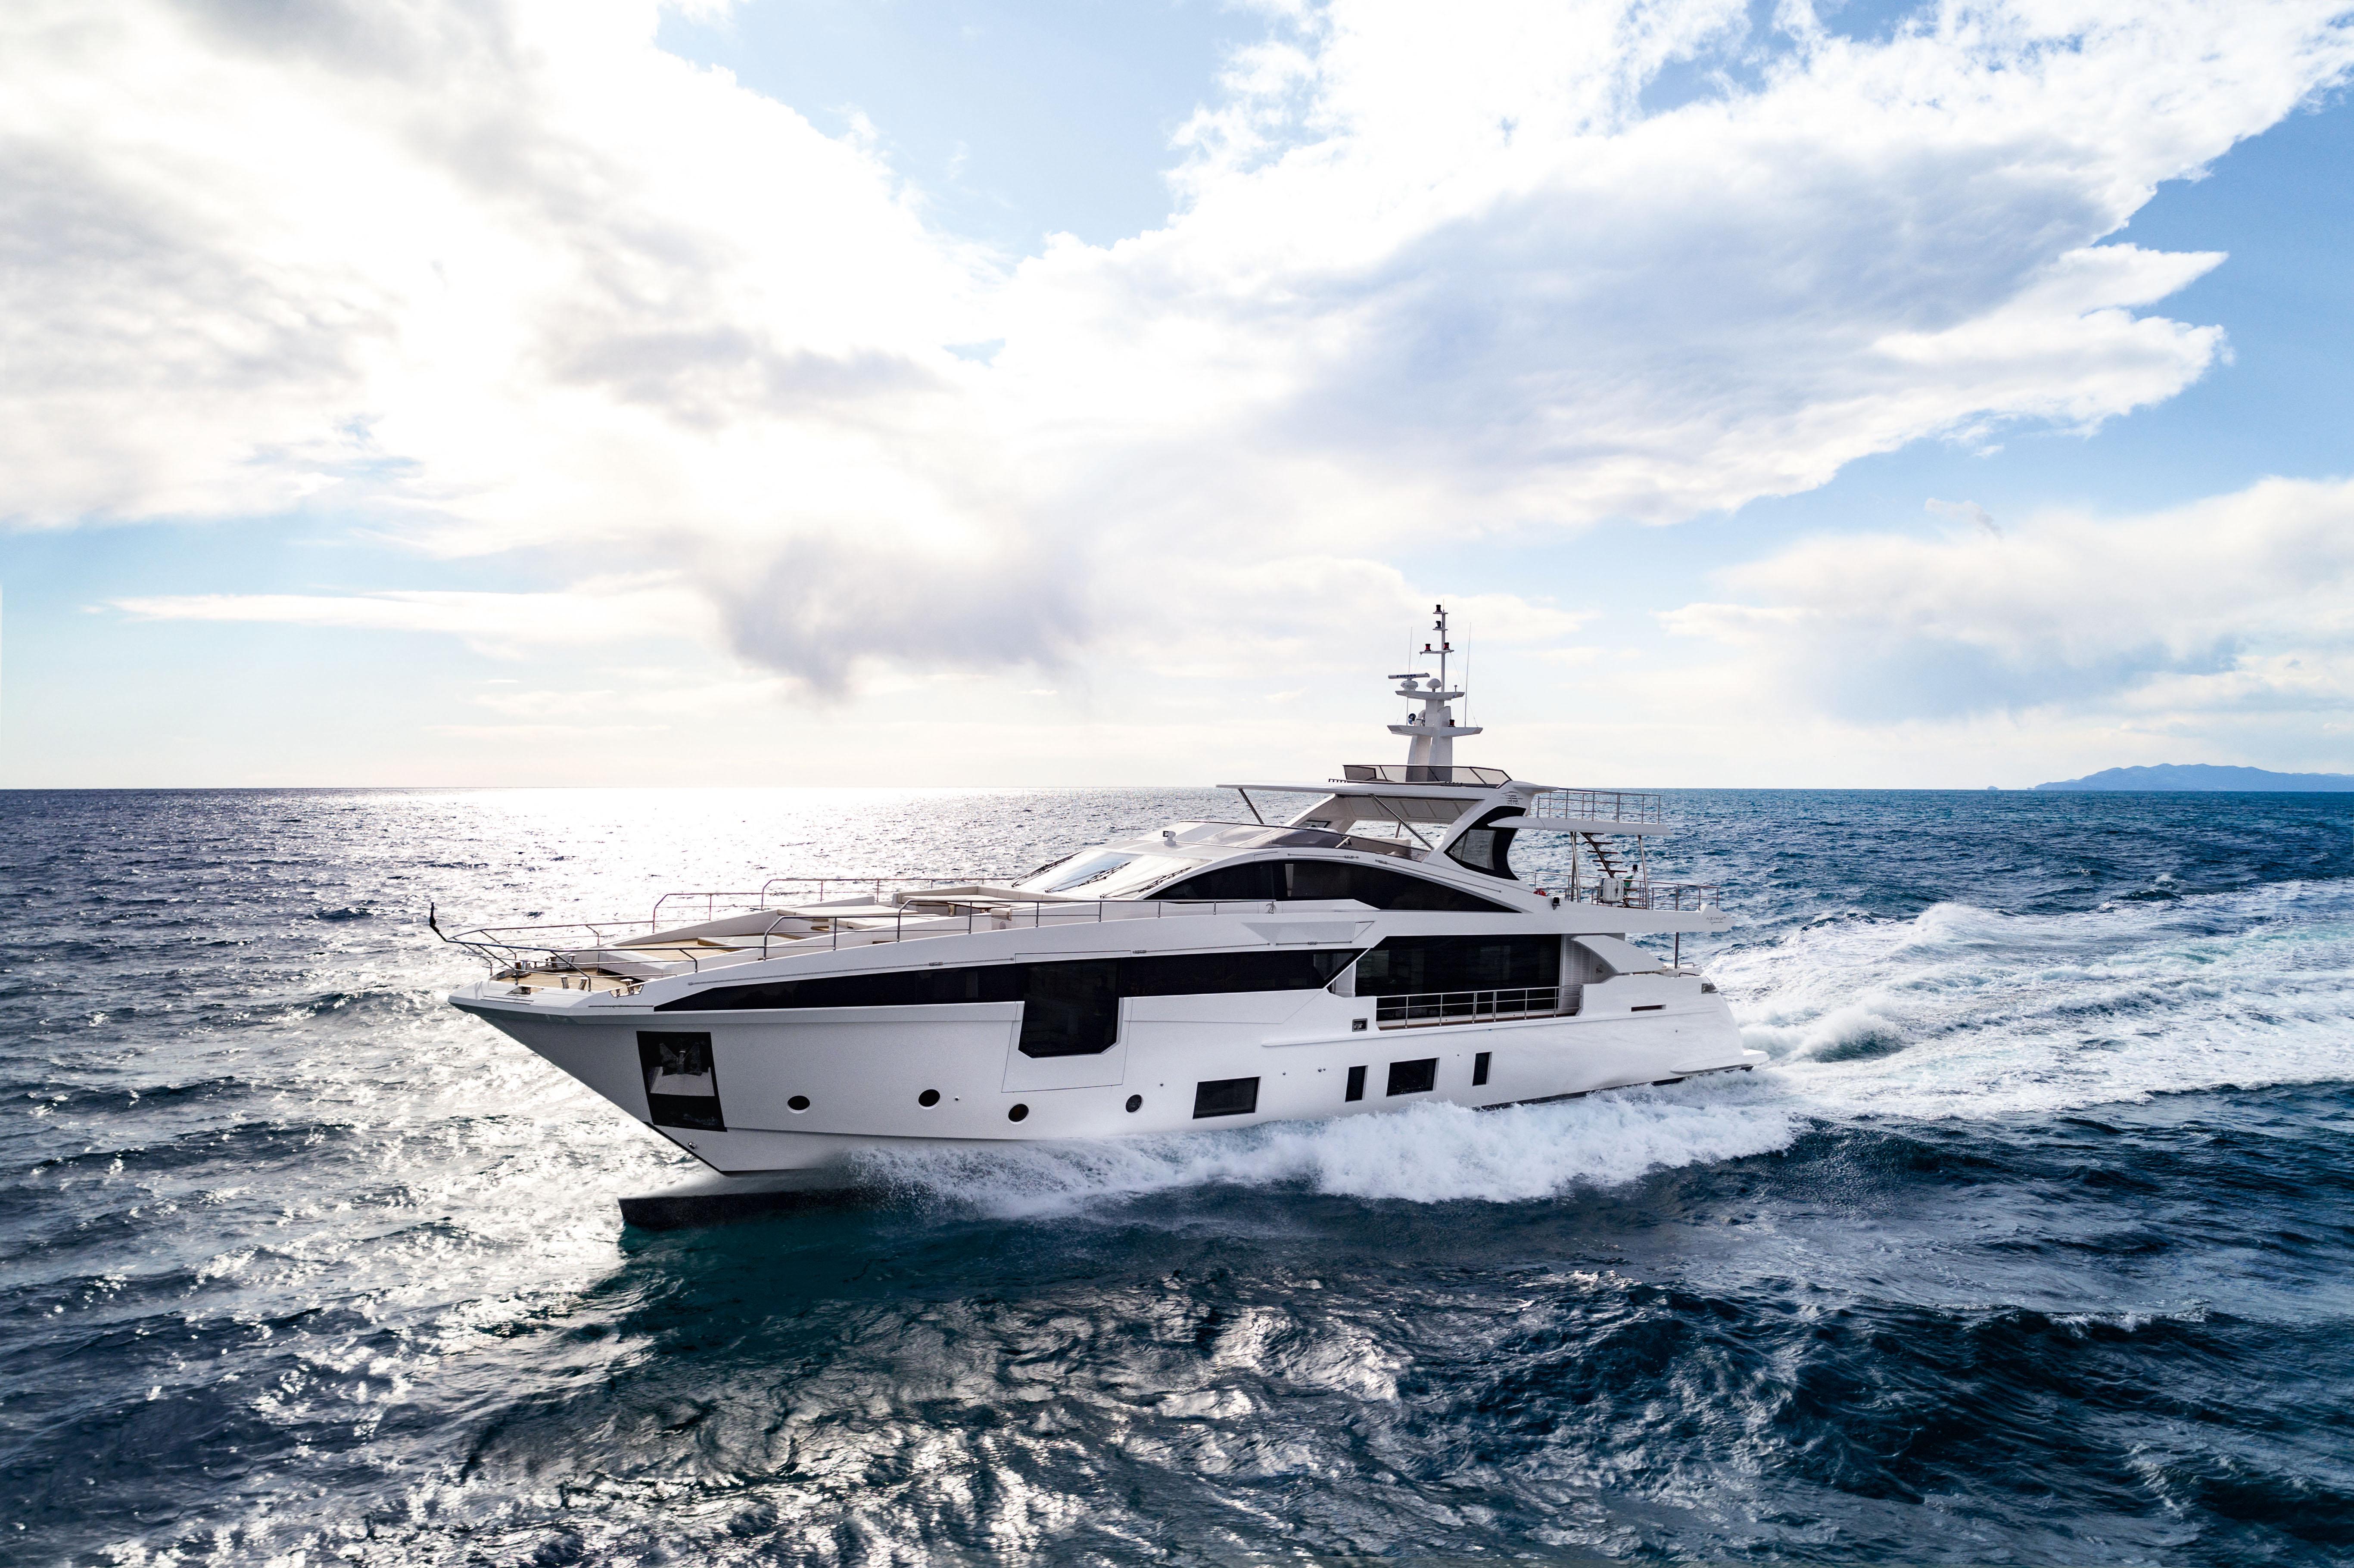 Tutte le anteprime mondiali di Azimut al Cannes Yachting Festival